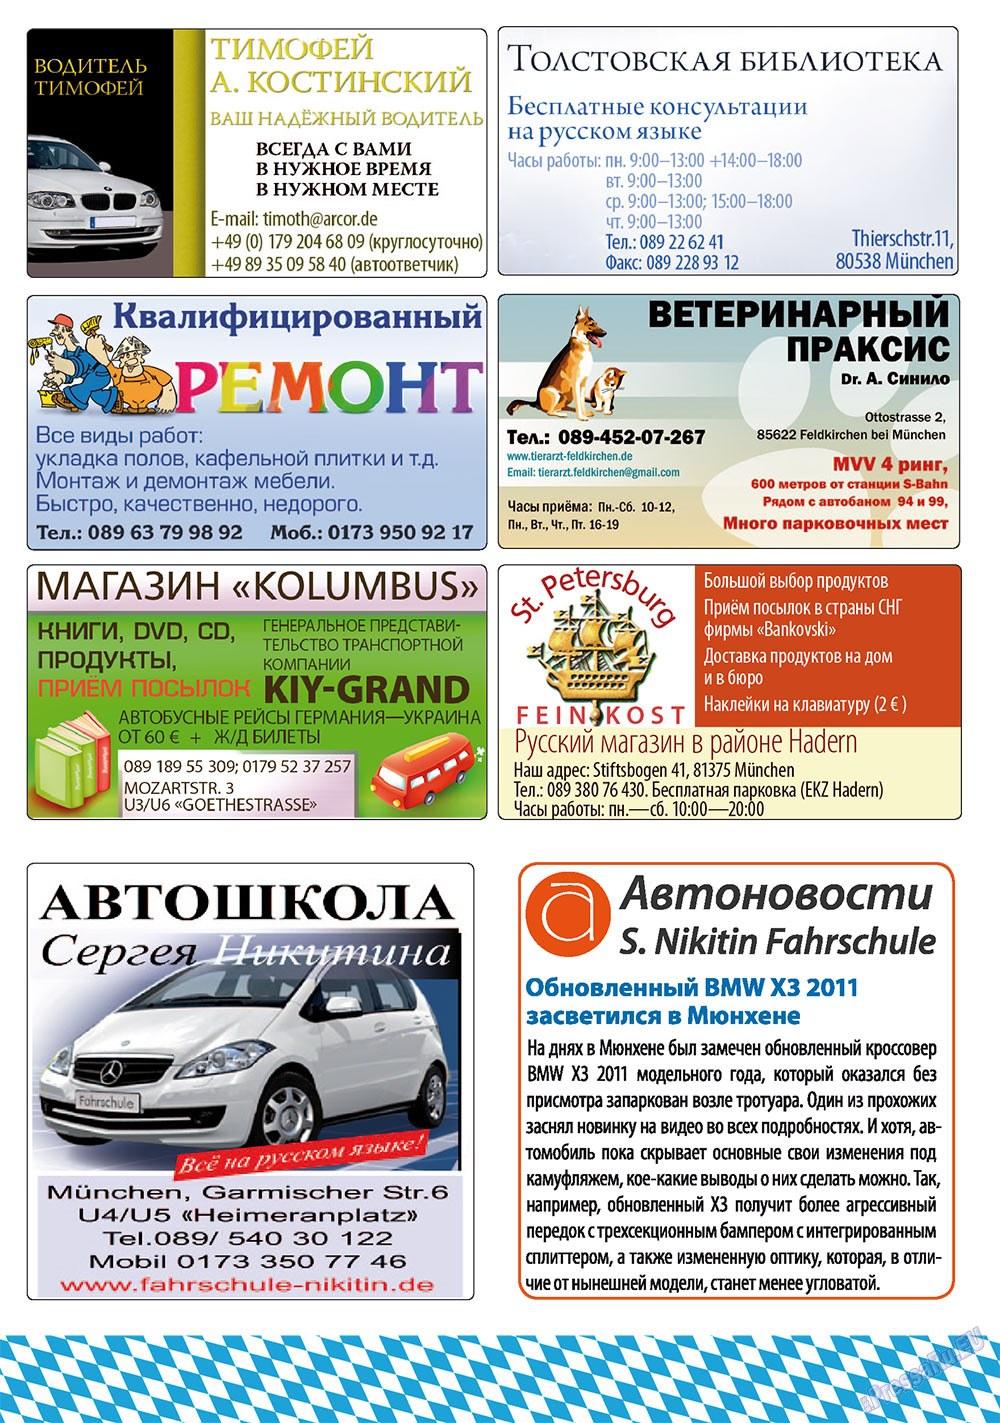 Апельсин (журнал). 2010 год, номер 11, стр. 24